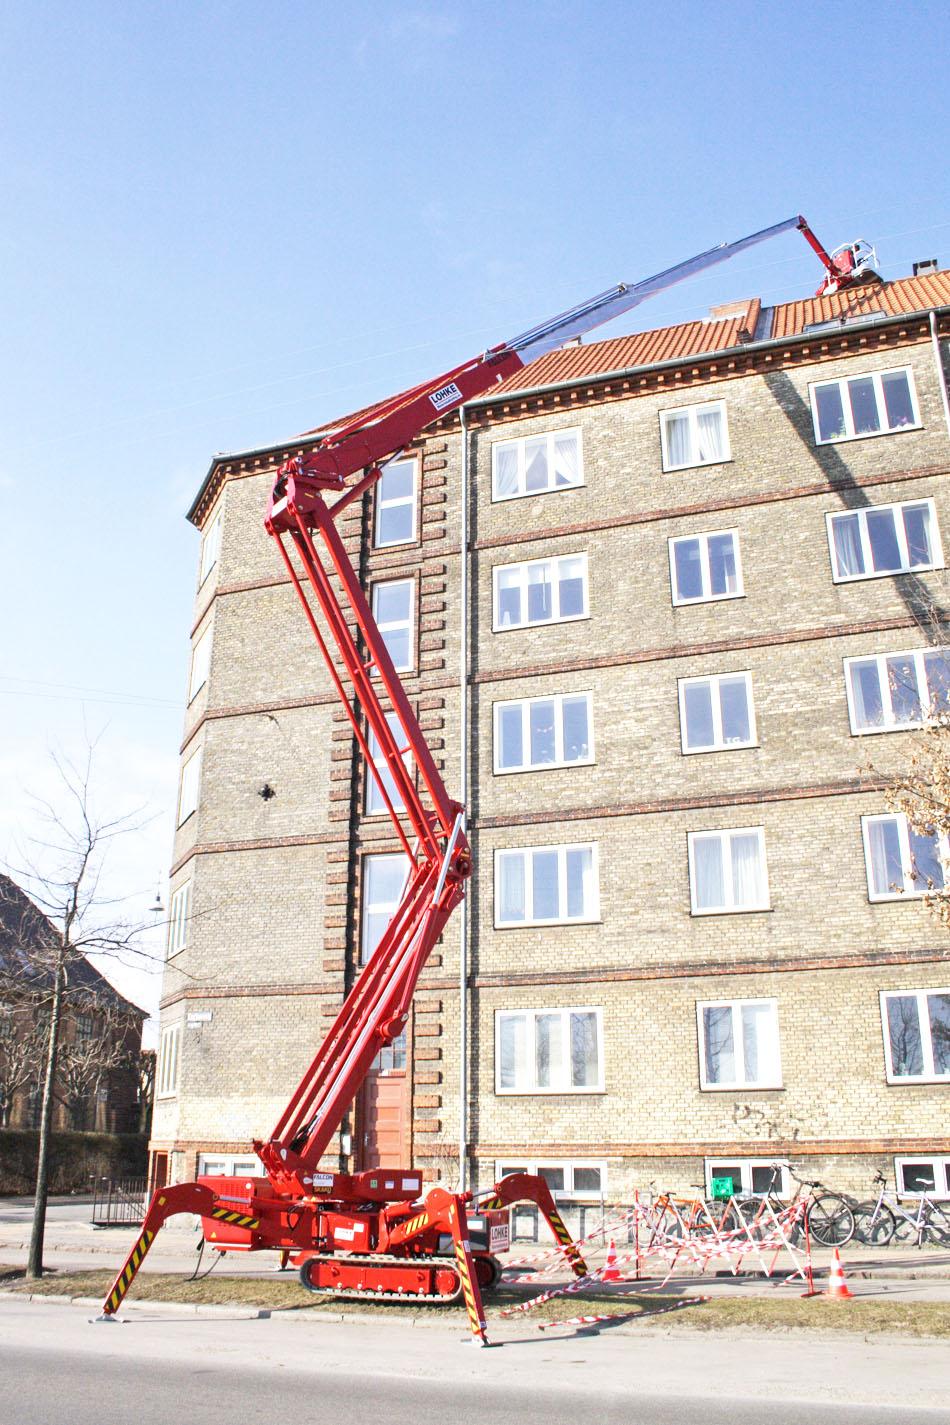 33米橡胶履带蜘蛛式升降机